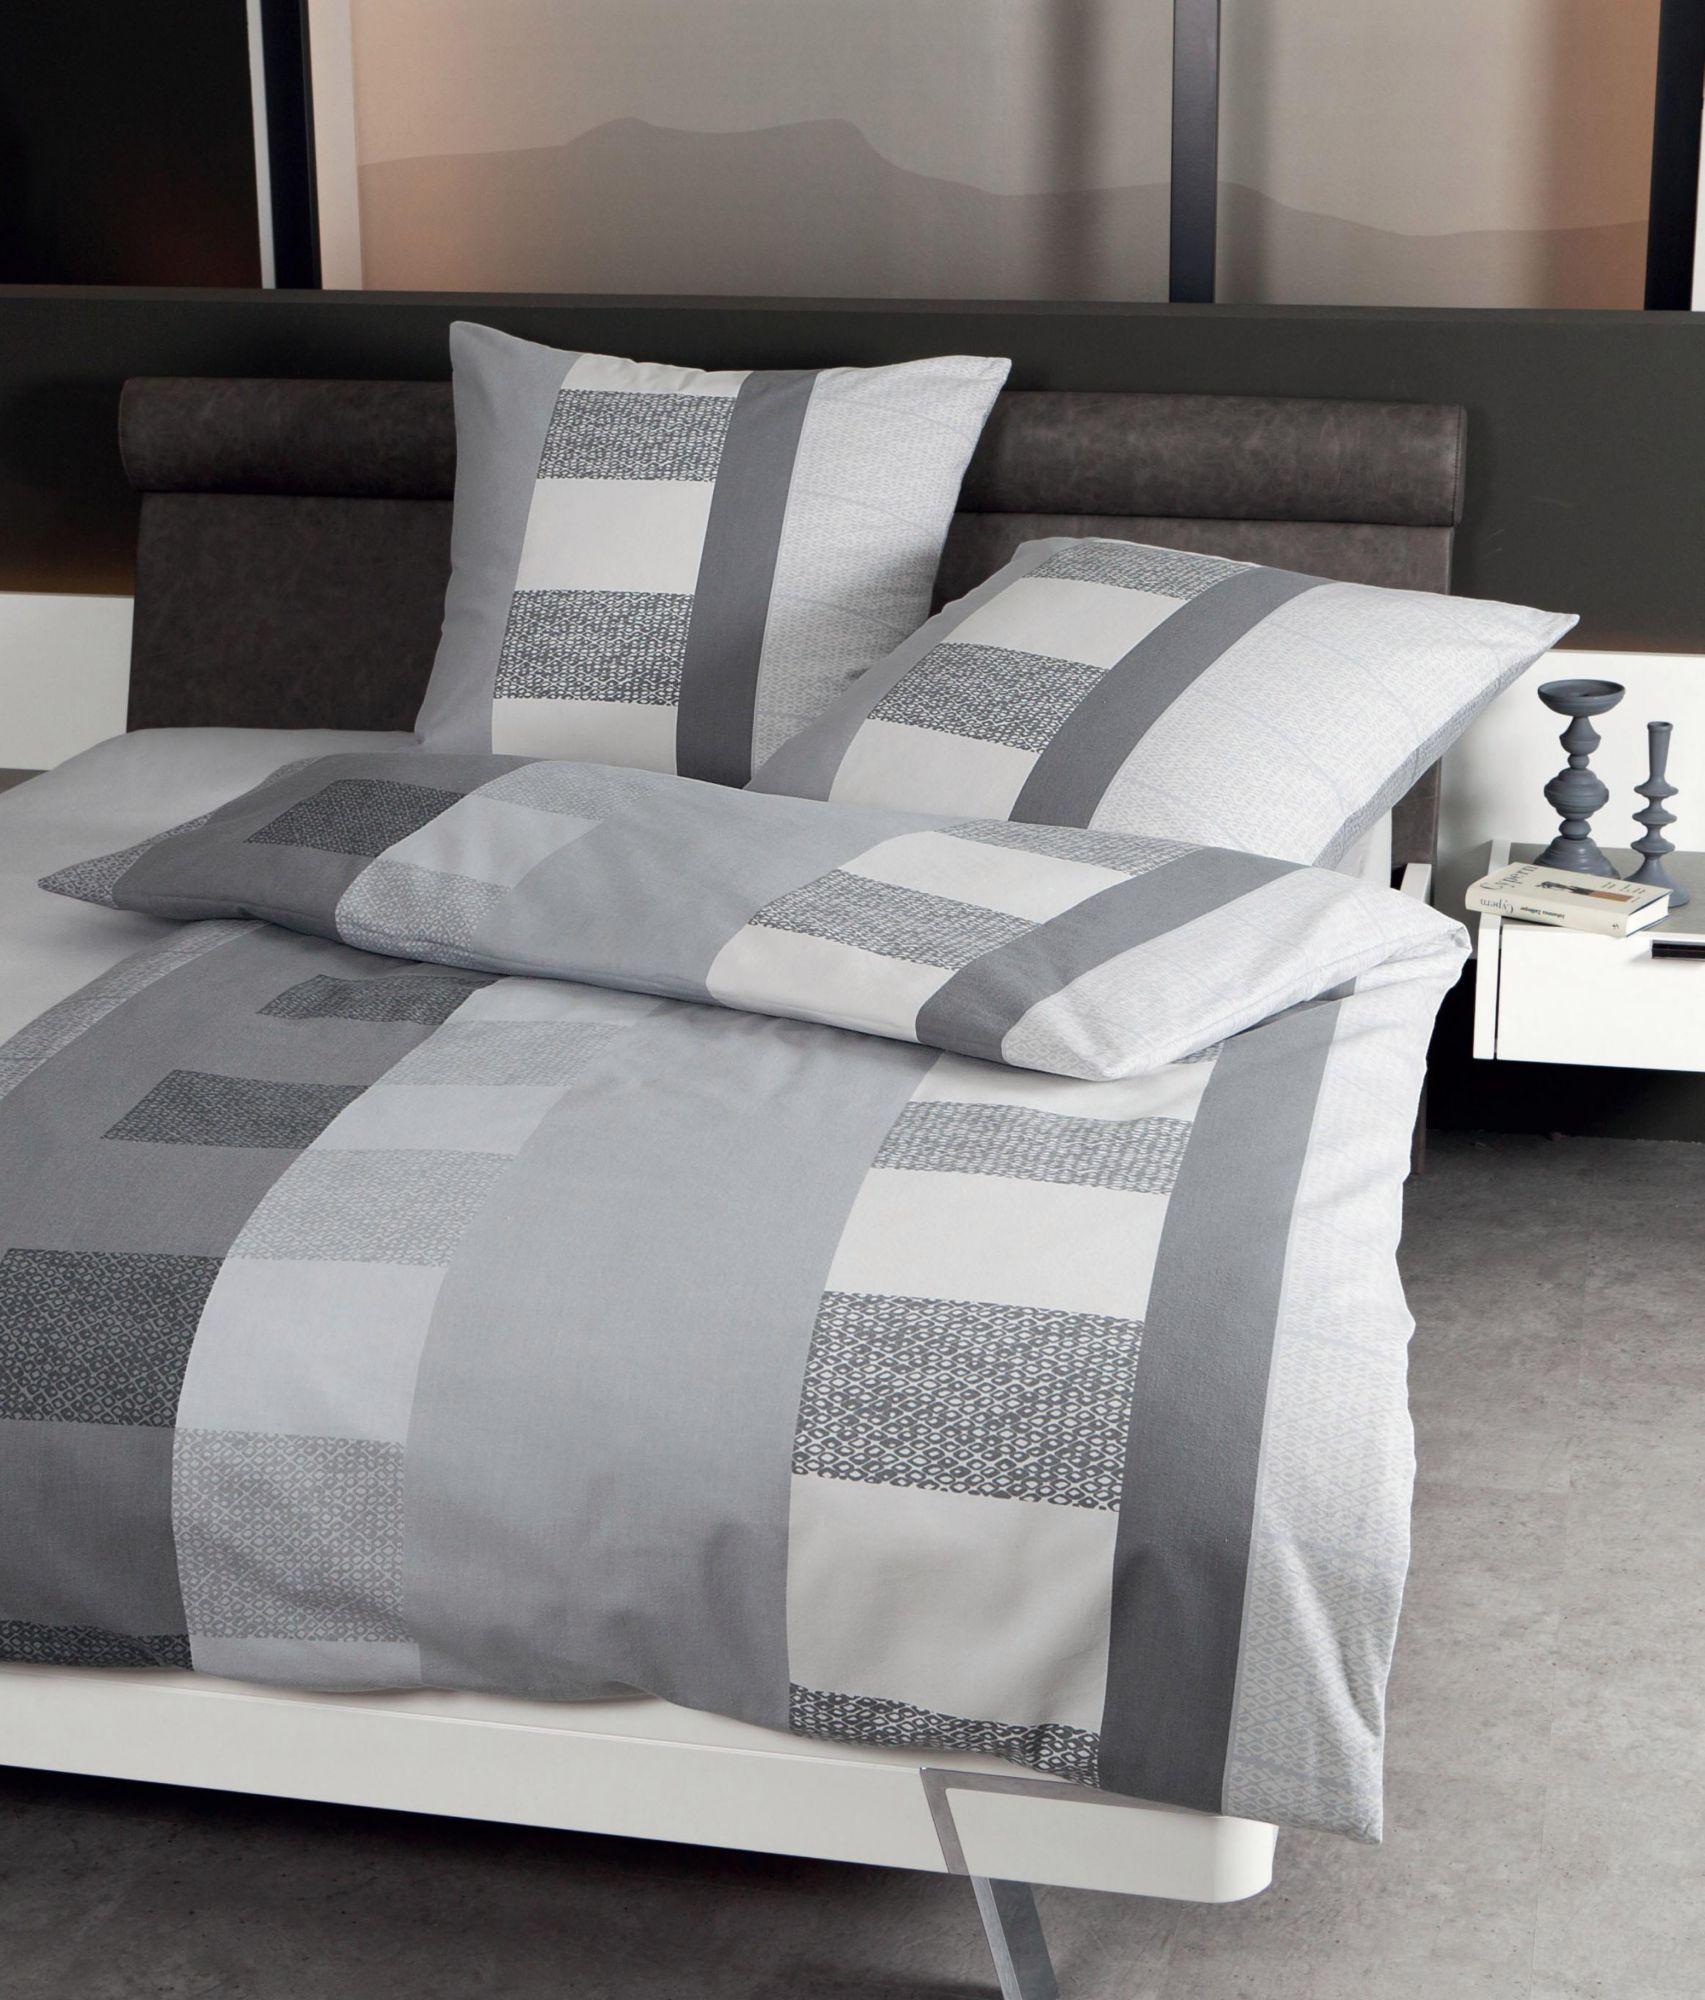 bettw sche janine flie mit mustern streifen schwab versand bettw sche 200x200 cm. Black Bedroom Furniture Sets. Home Design Ideas